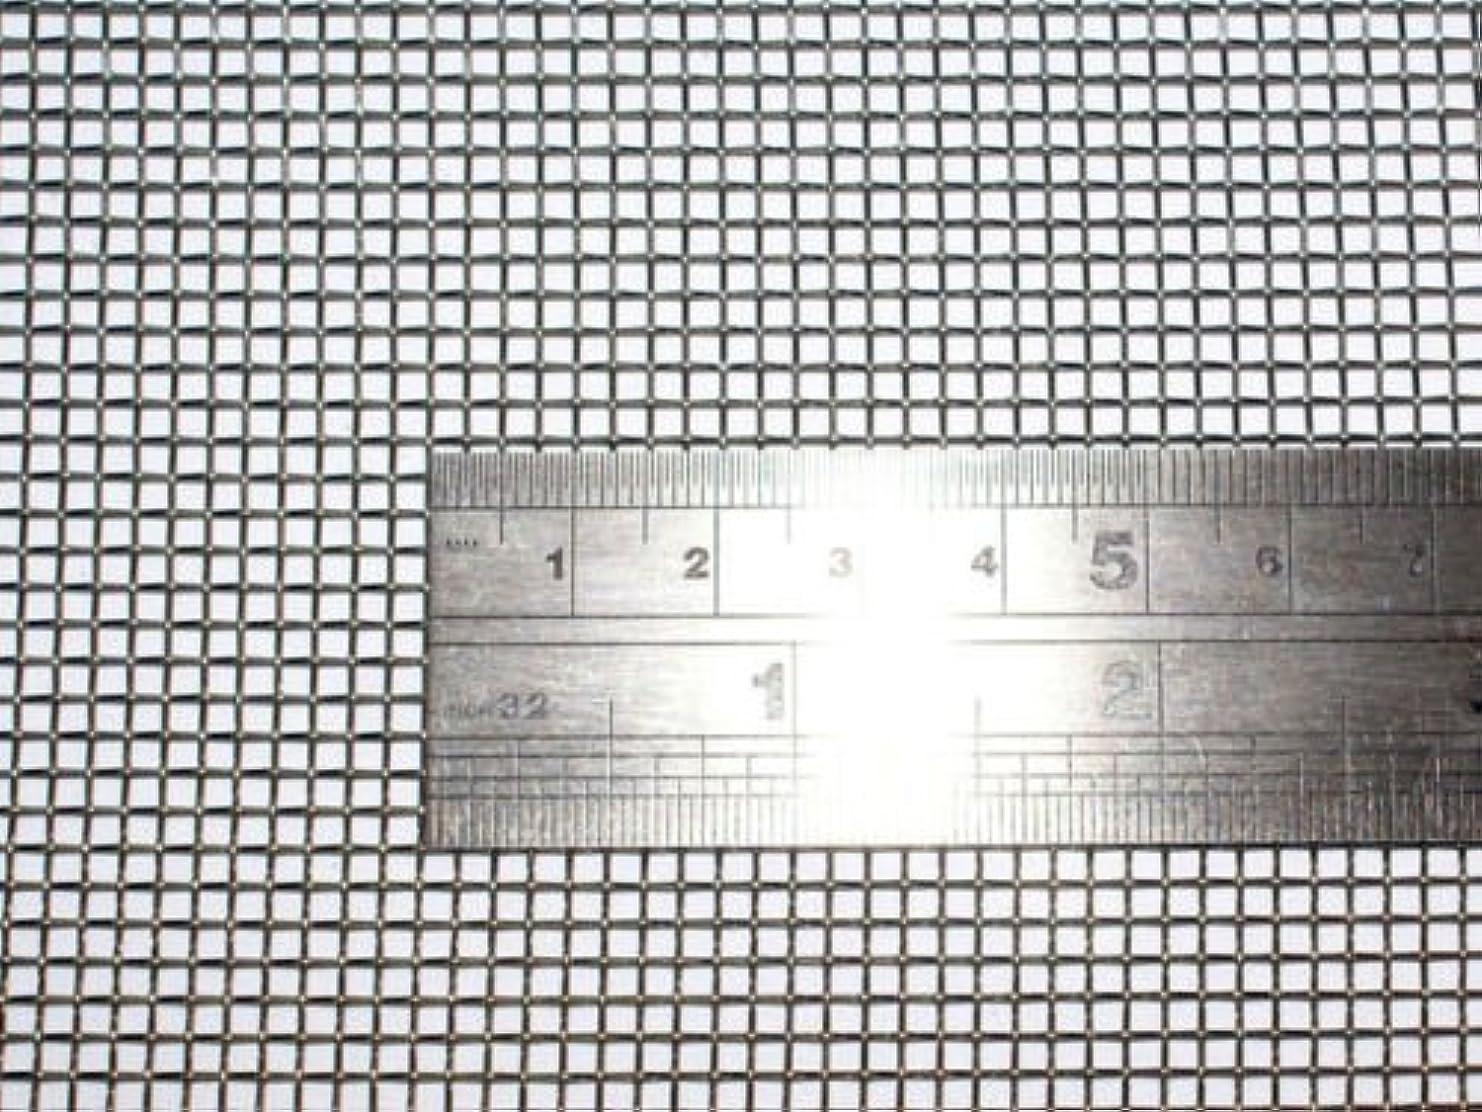 説明誓約災難産業用金網 ステンレス平織金網 線径0.60mm:10メッシュ 開目1.98mm[幅600mm×高1000mm]